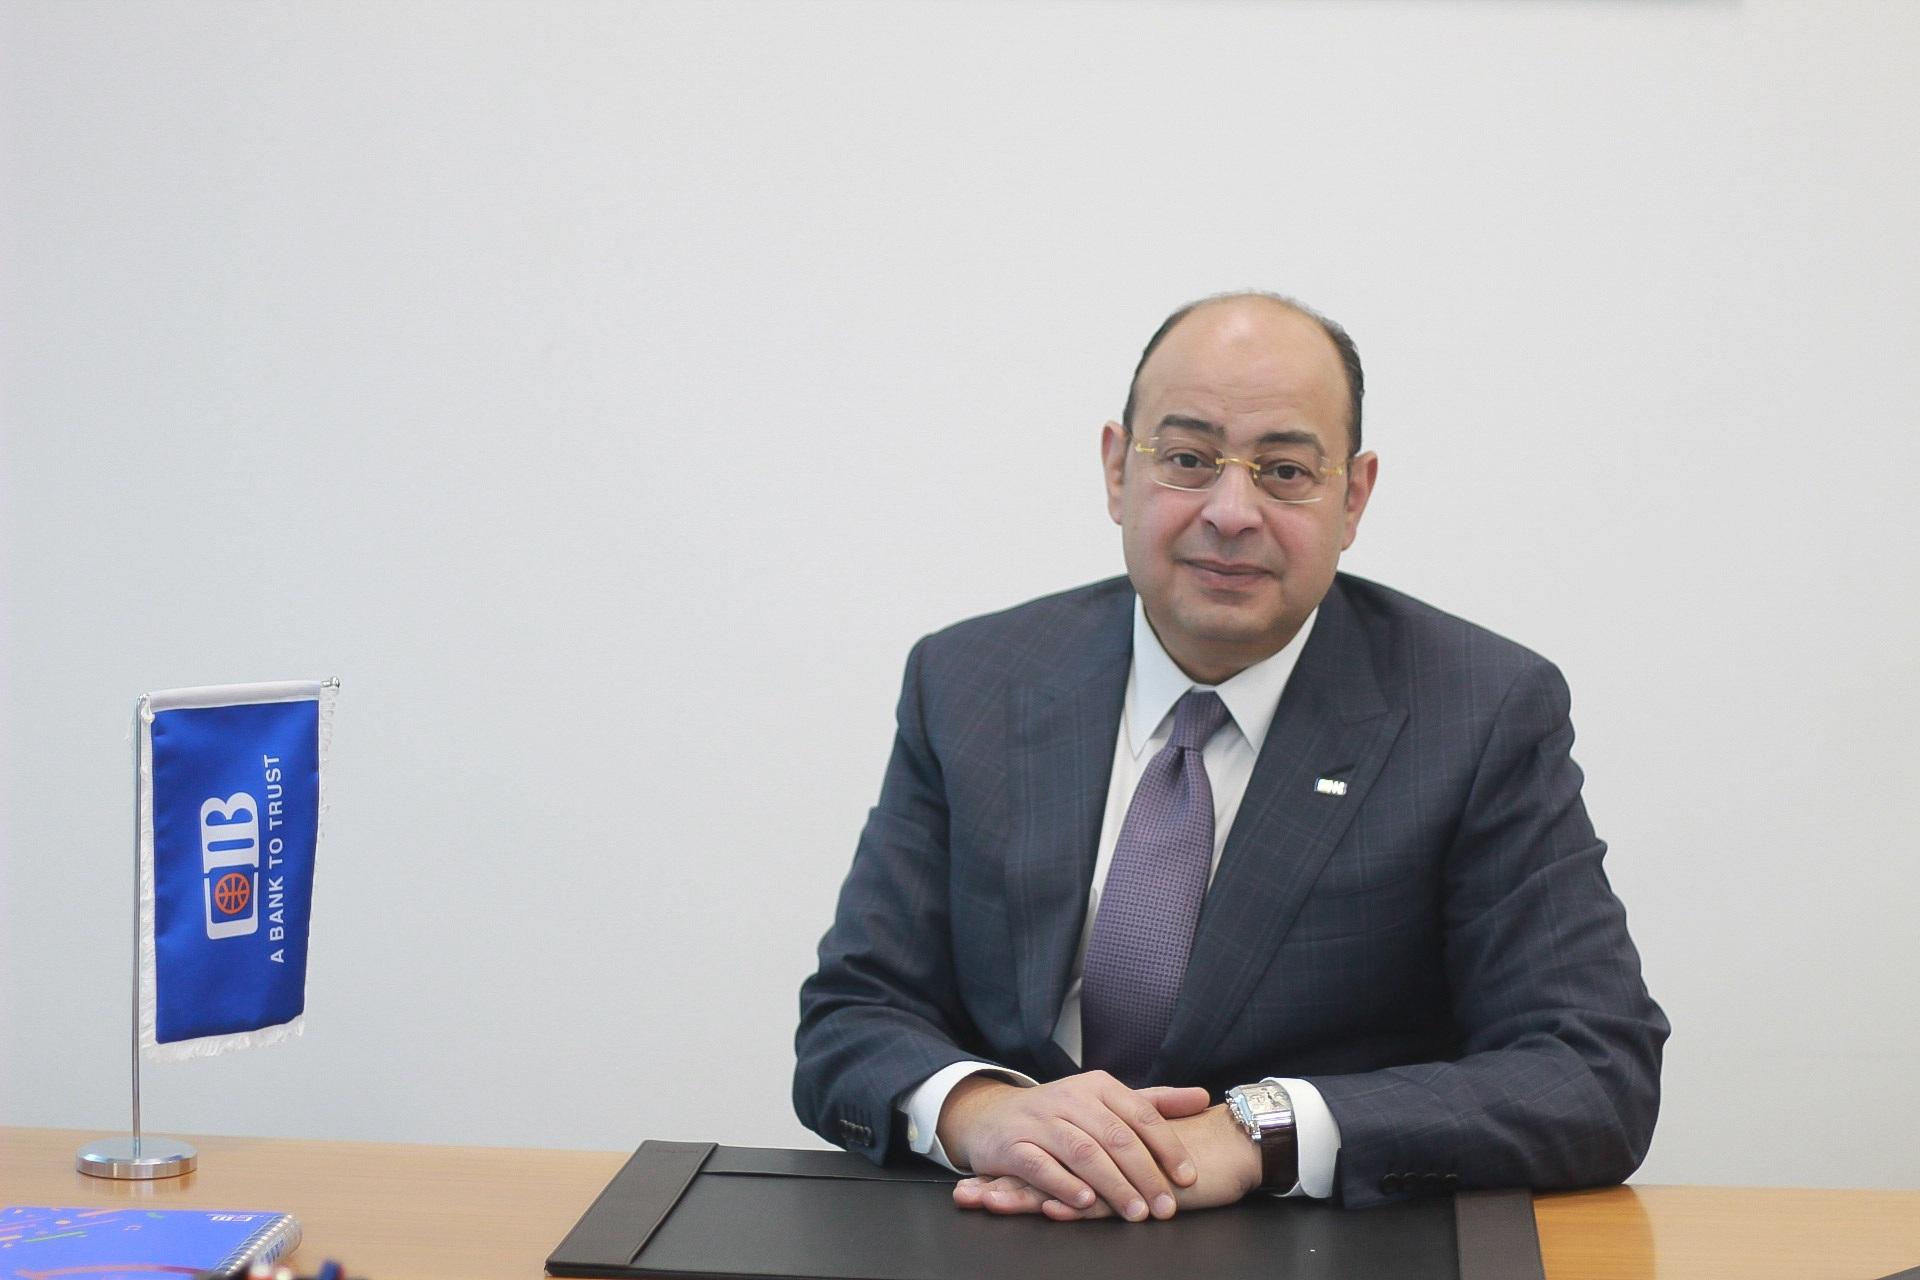 محمد فرج نائب الرئيس التنفيذي لقطاع العمليات فى البنك التجارى الدولى